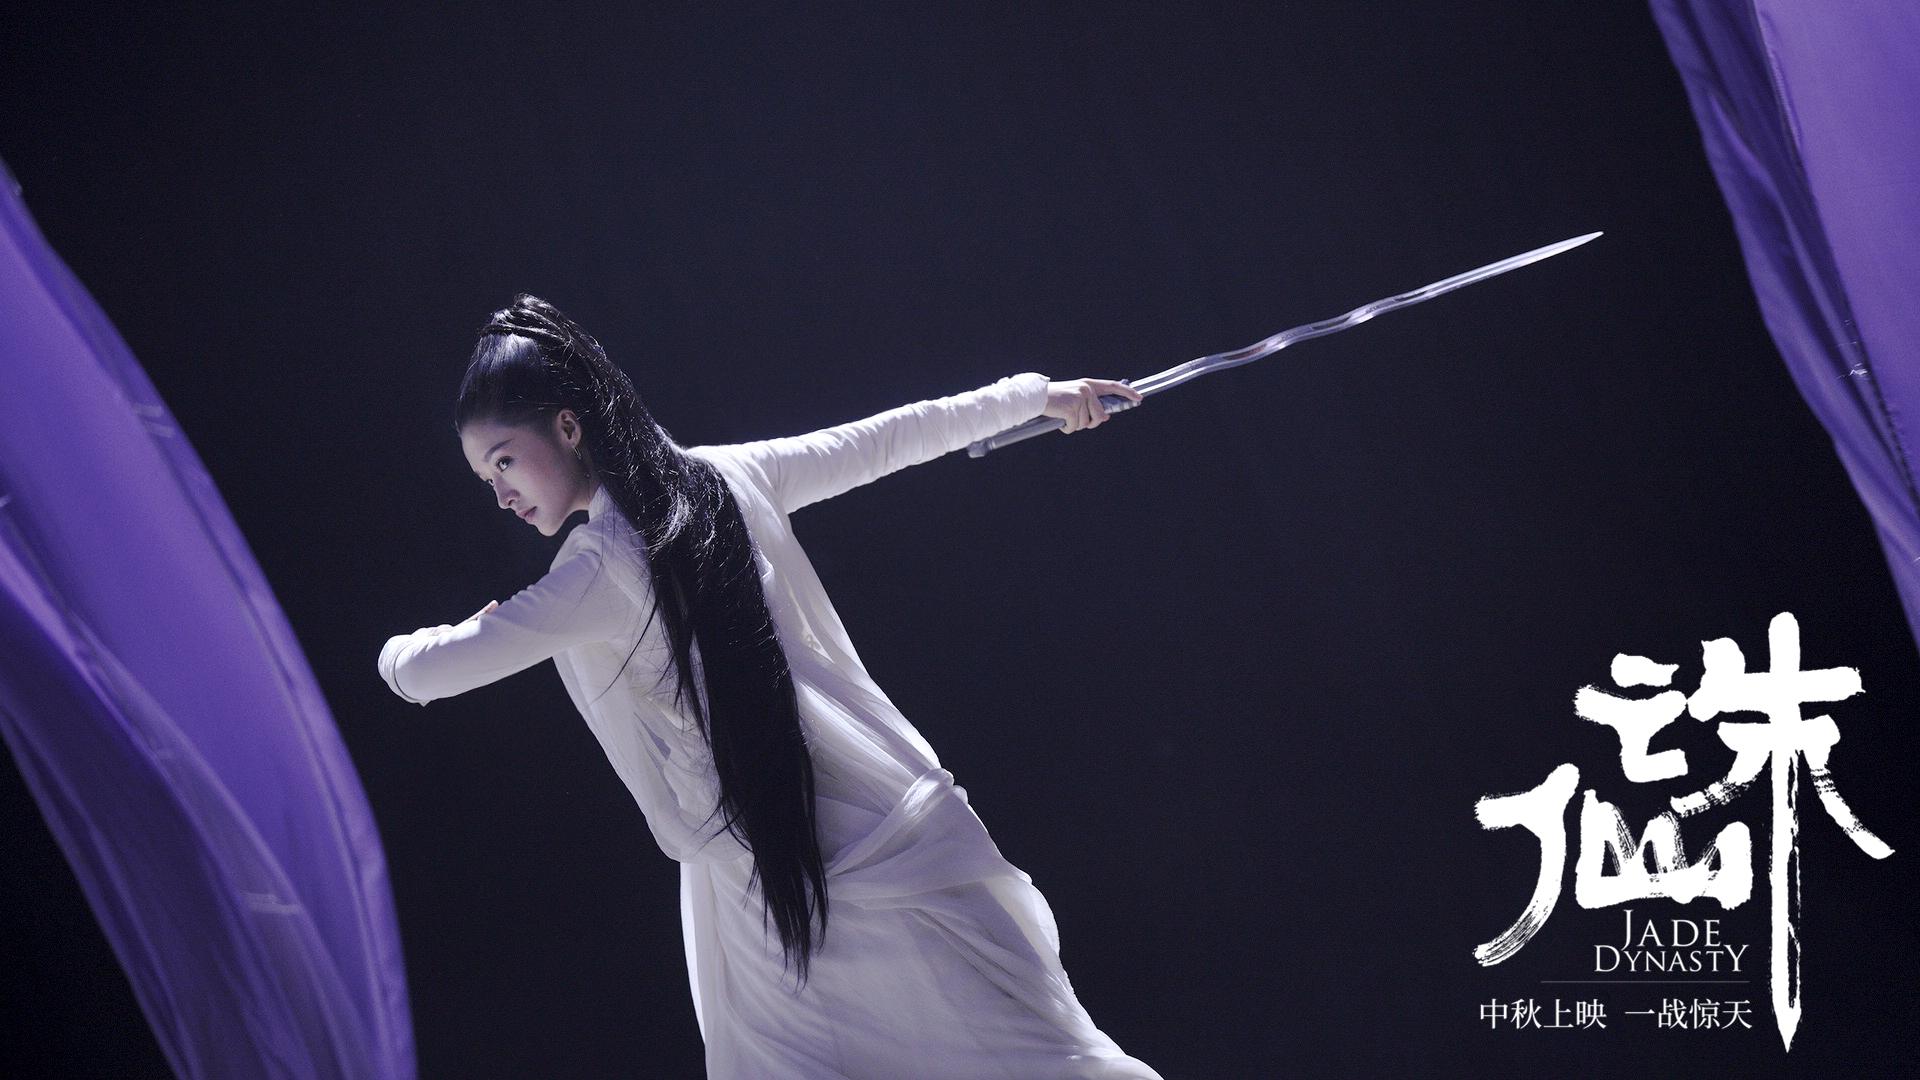 《诛仙》曝全阵容海报 肖战领衔剑指中秋